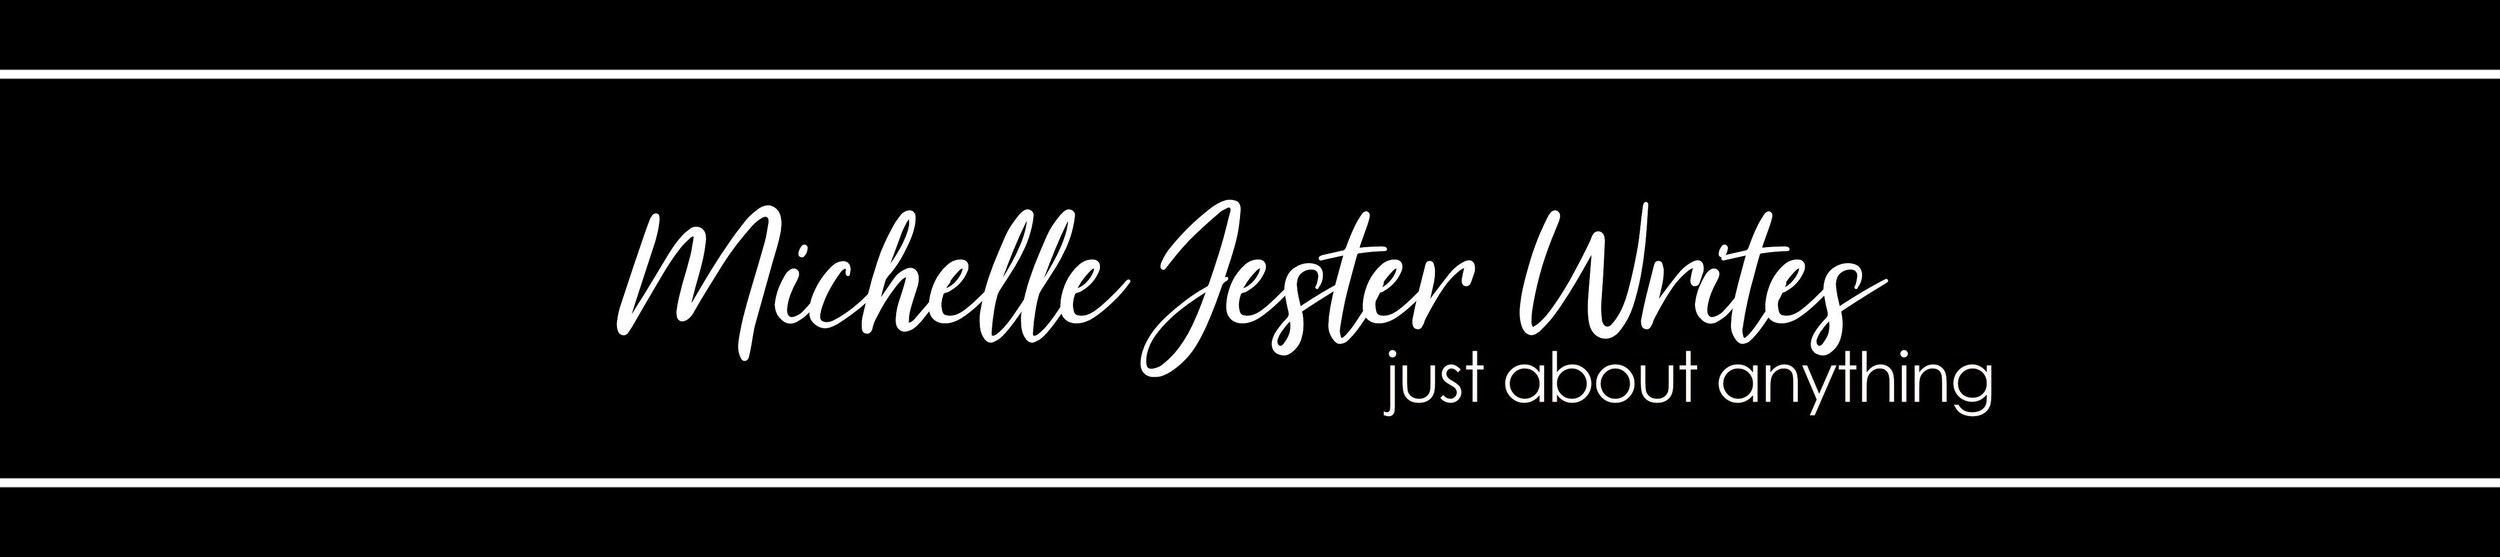 Michelle Jester writes web banner000.jpg